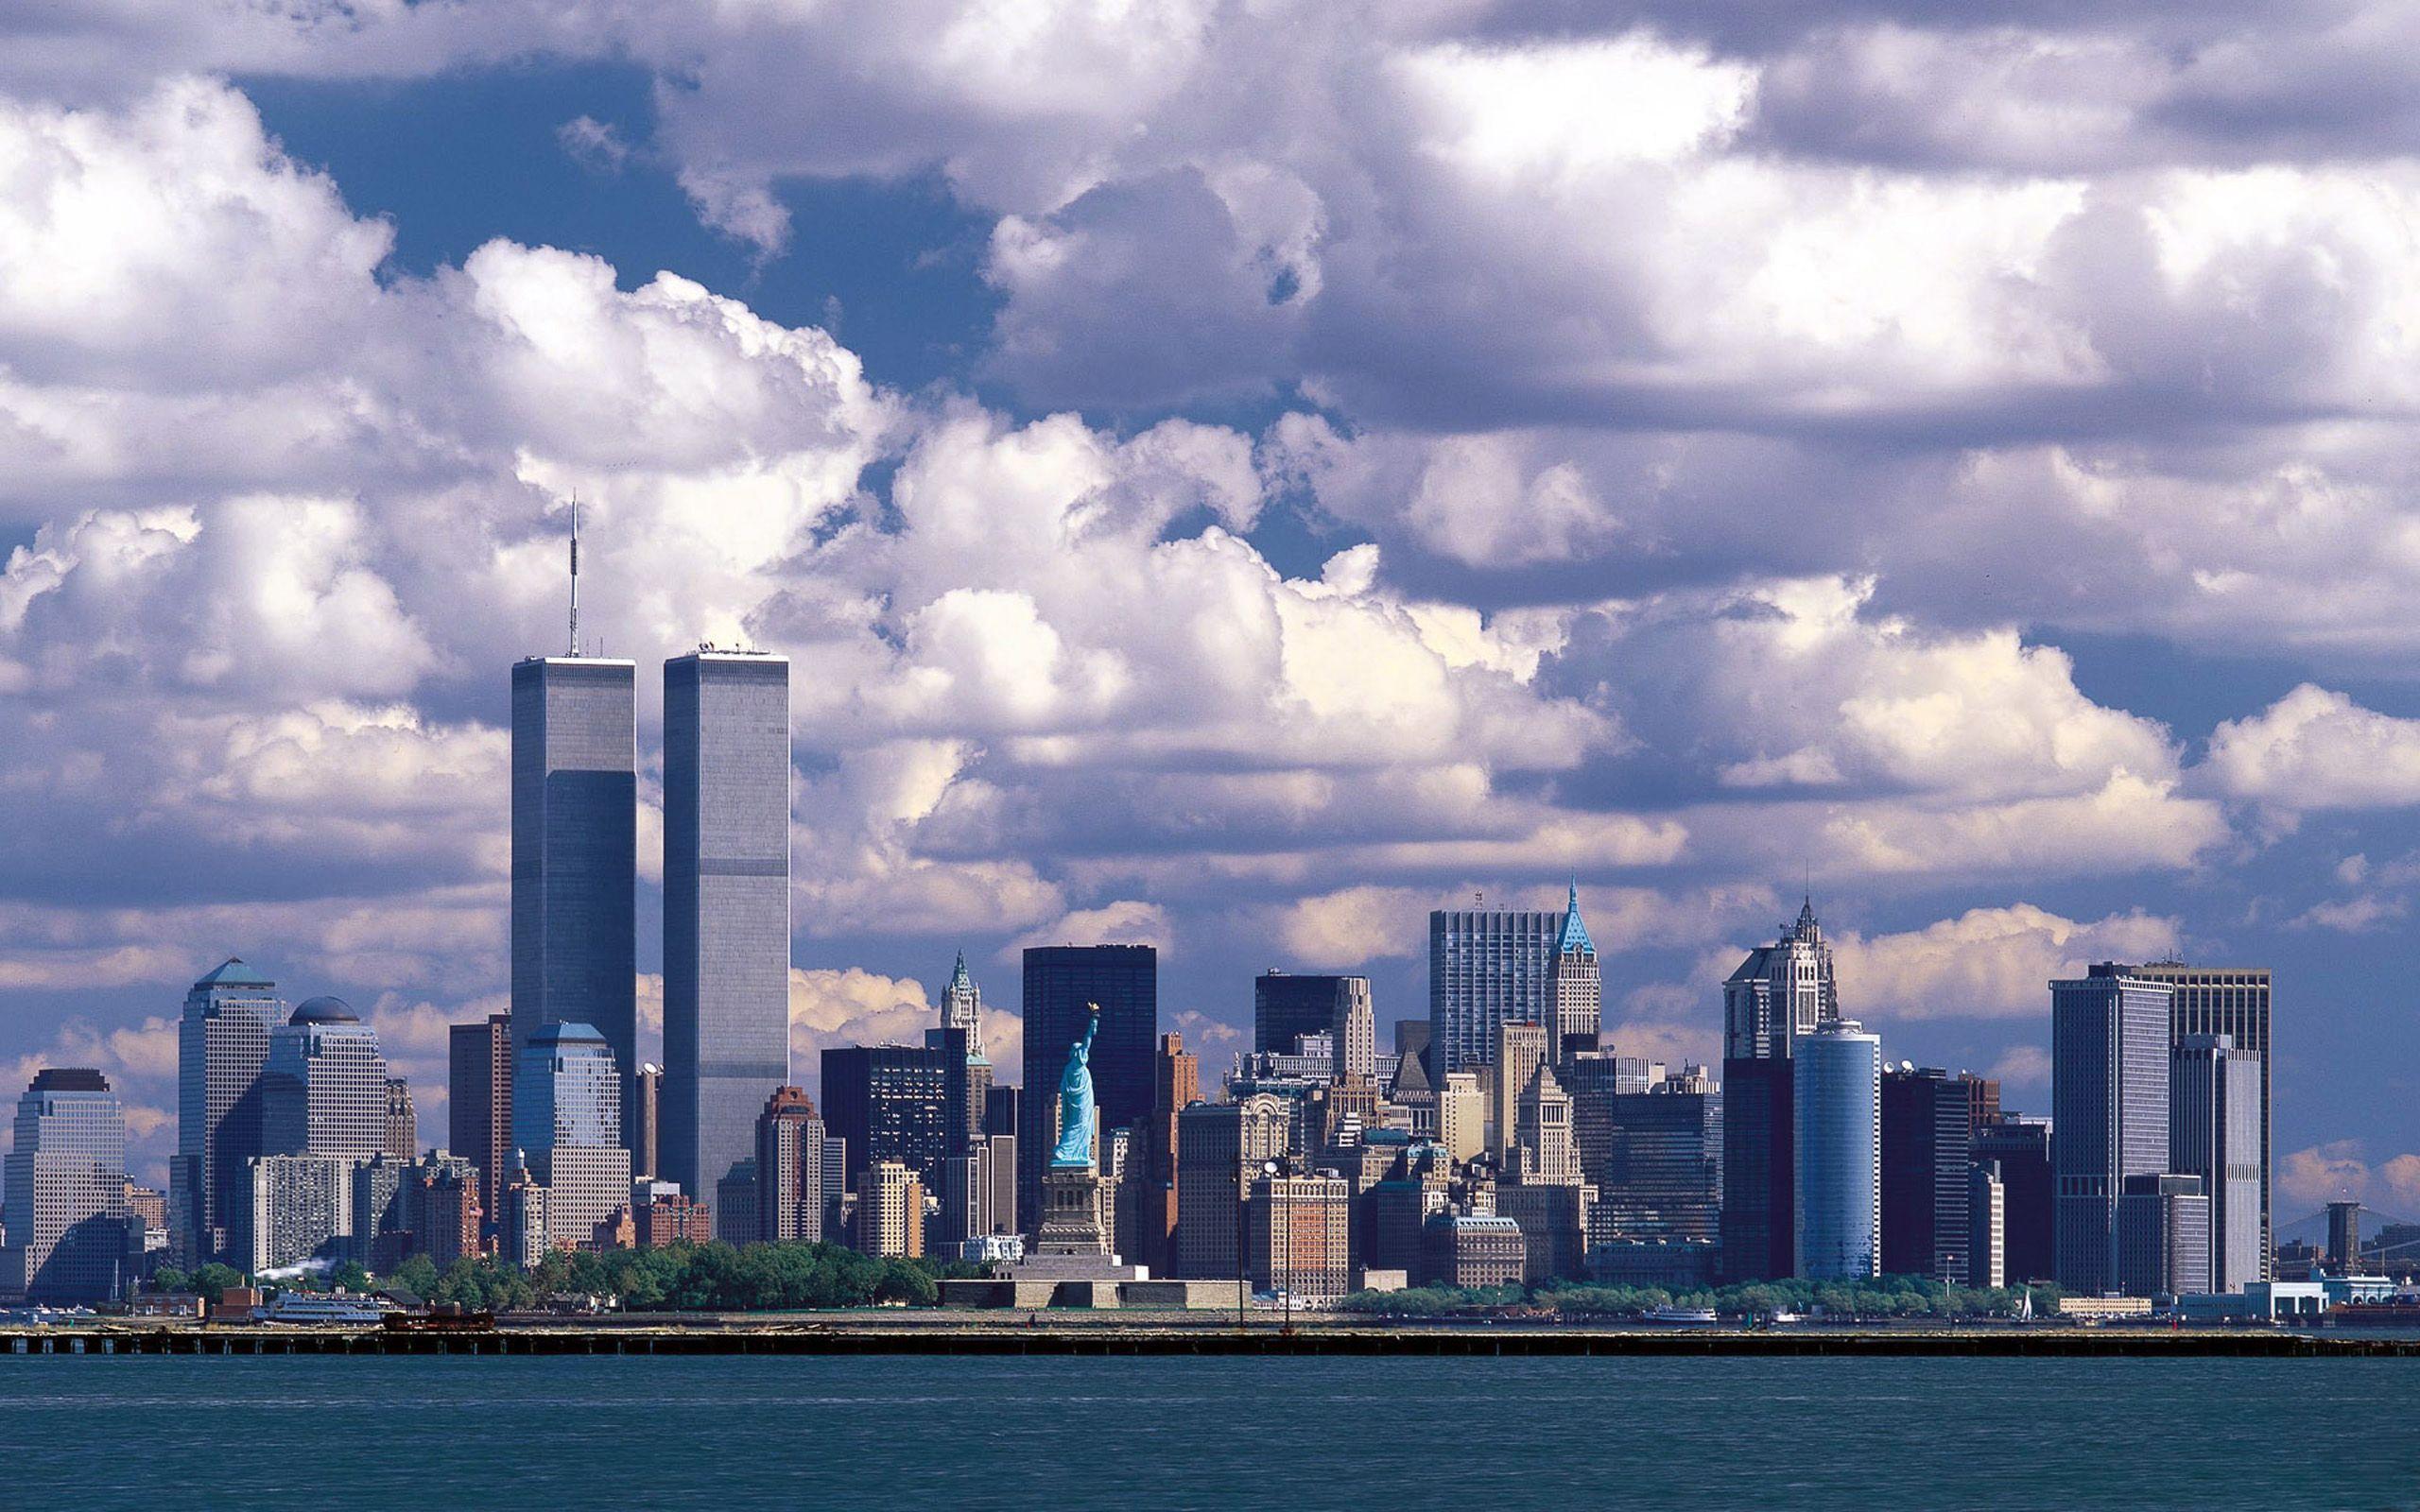 New York City 2560x1600 Widescreen wallpaper